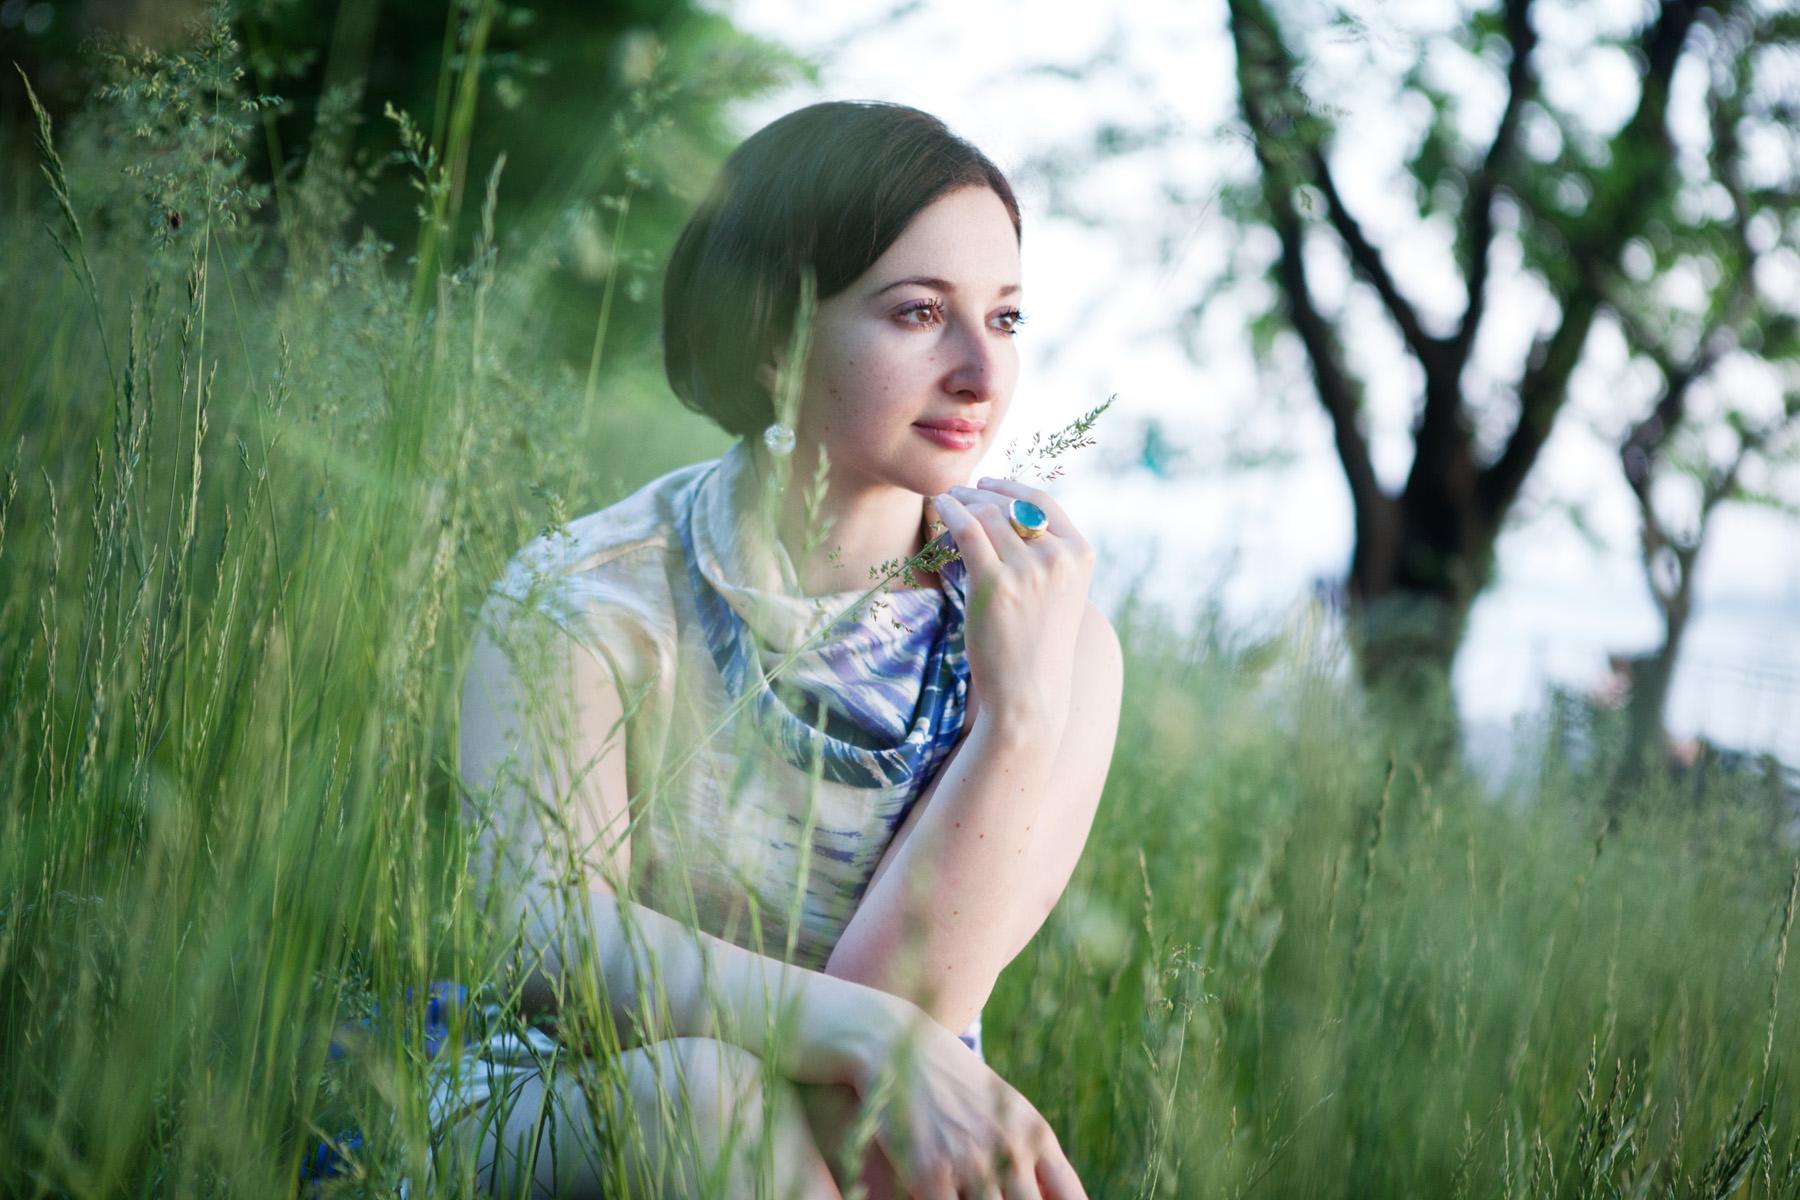 Yelena Grinberg